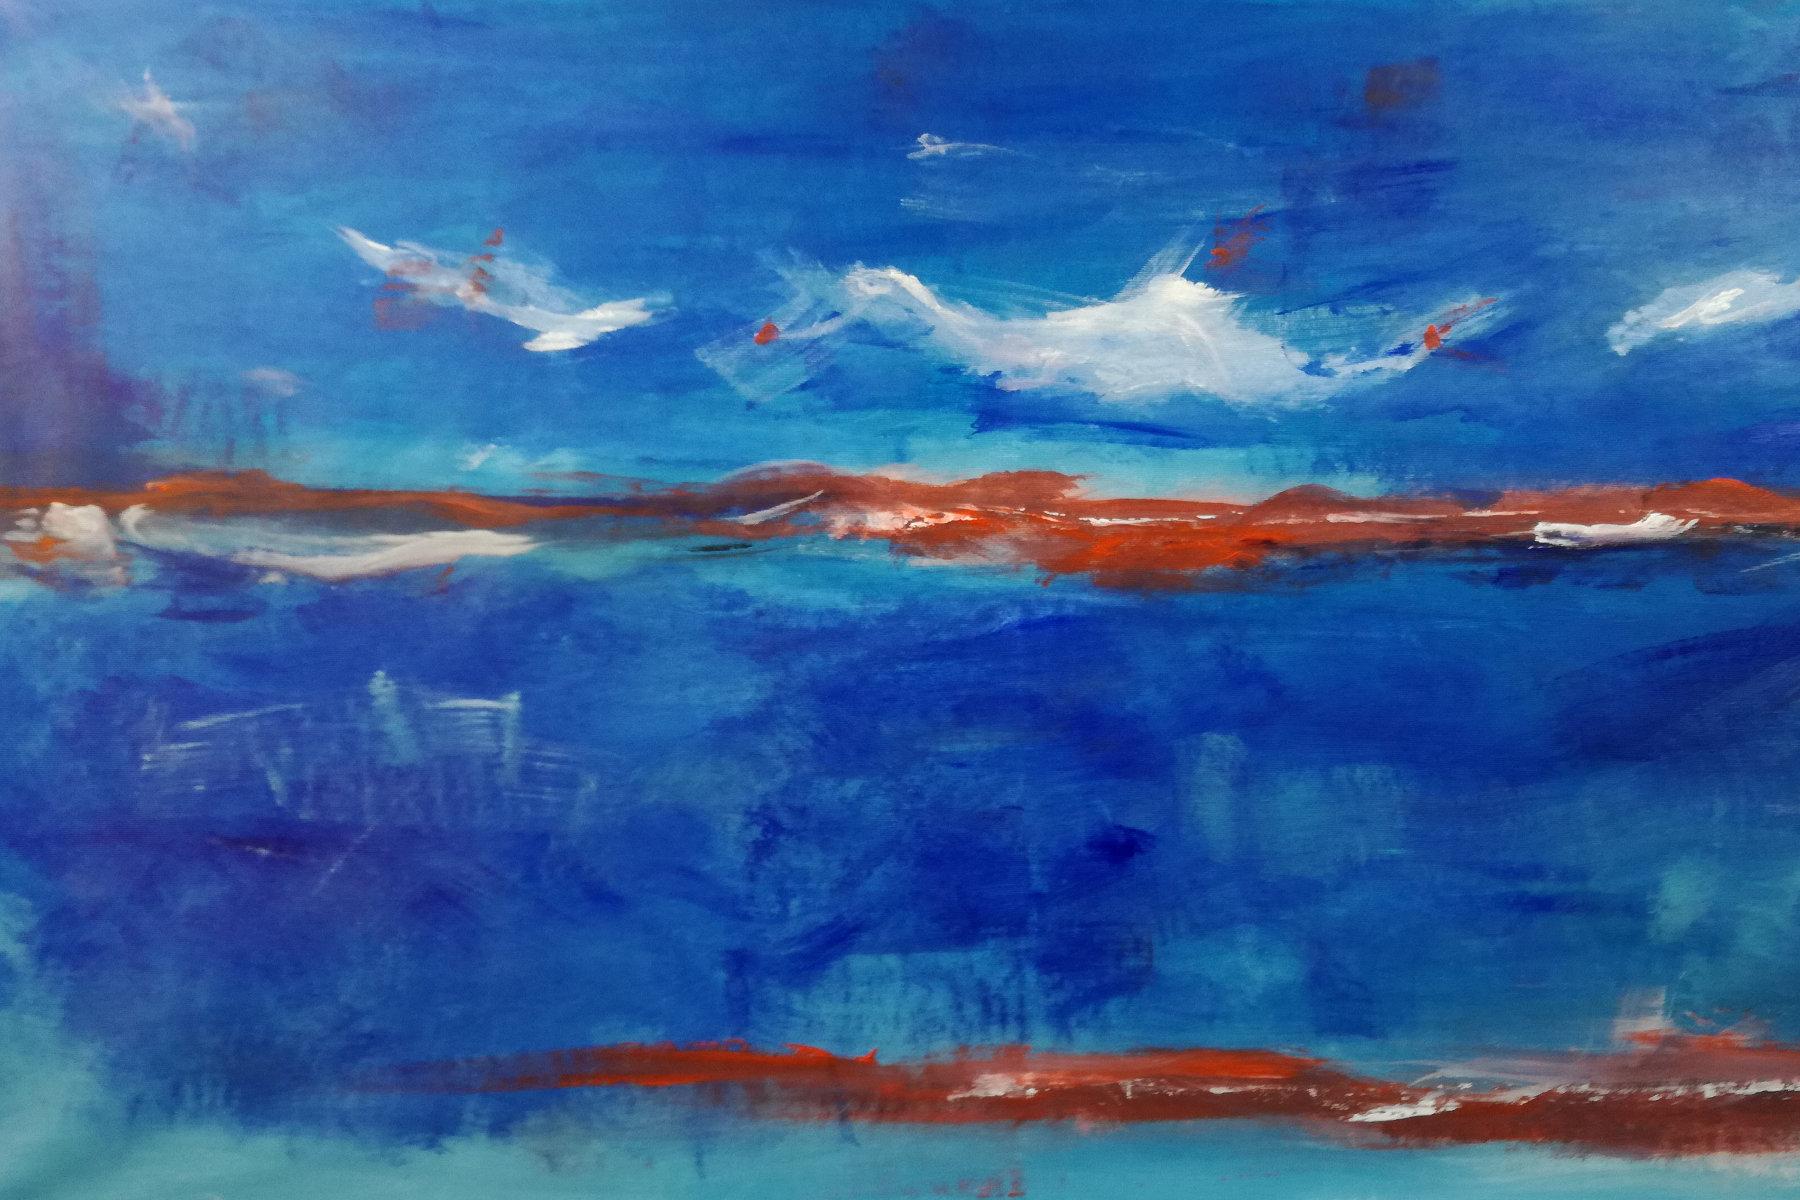 quadro astratto paesaggio c007 - quadro moderno paesaggio astratto